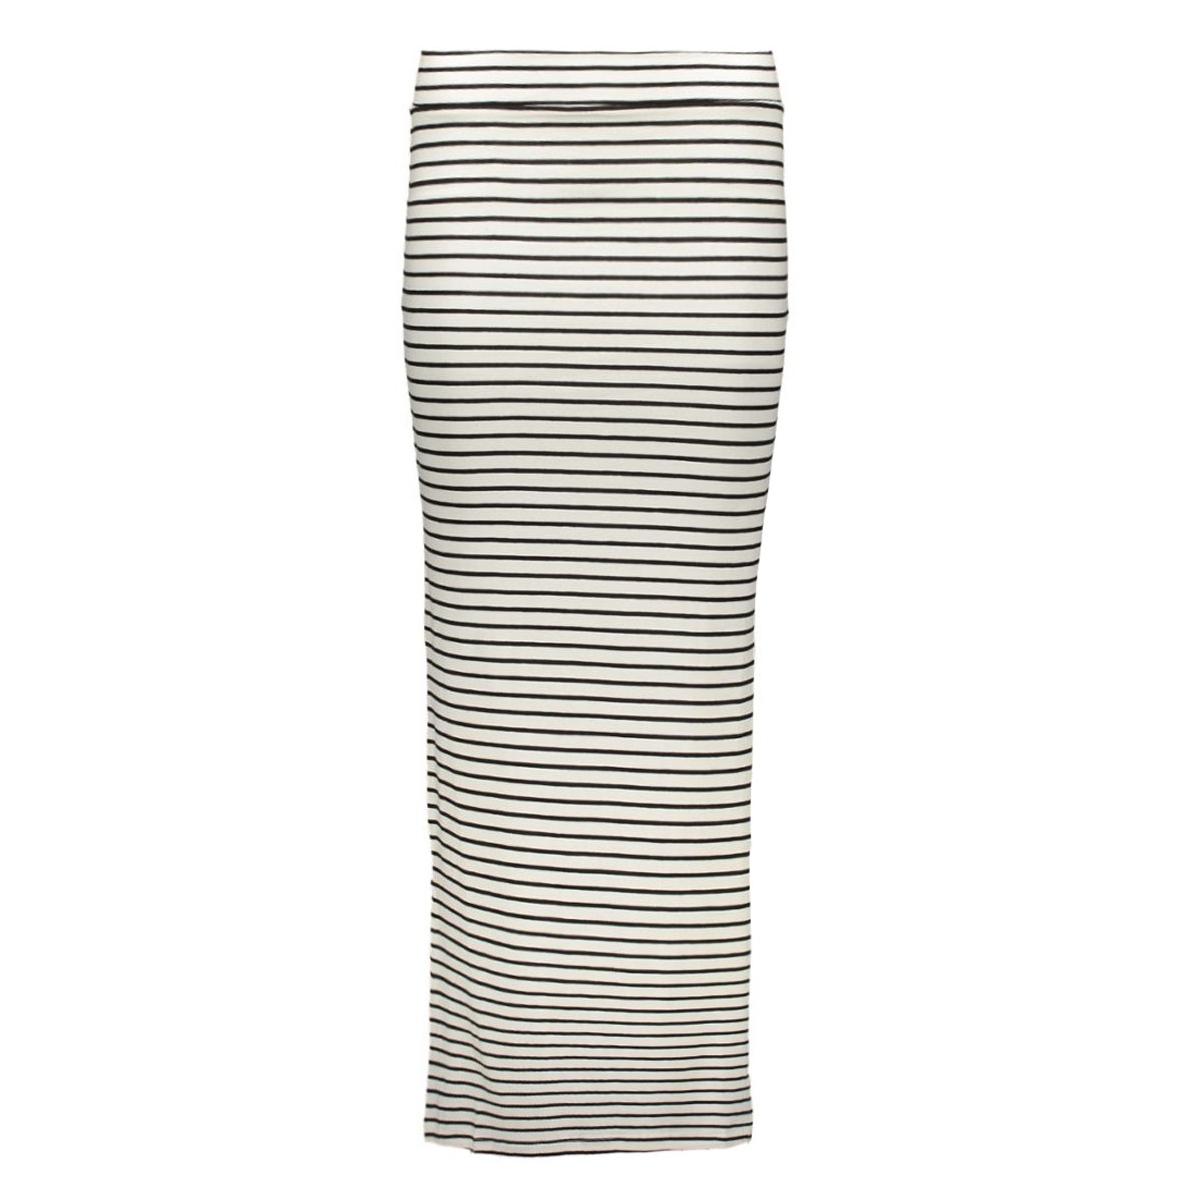 vihonesty new maxi skirt 14032809 2 vila rok snow white